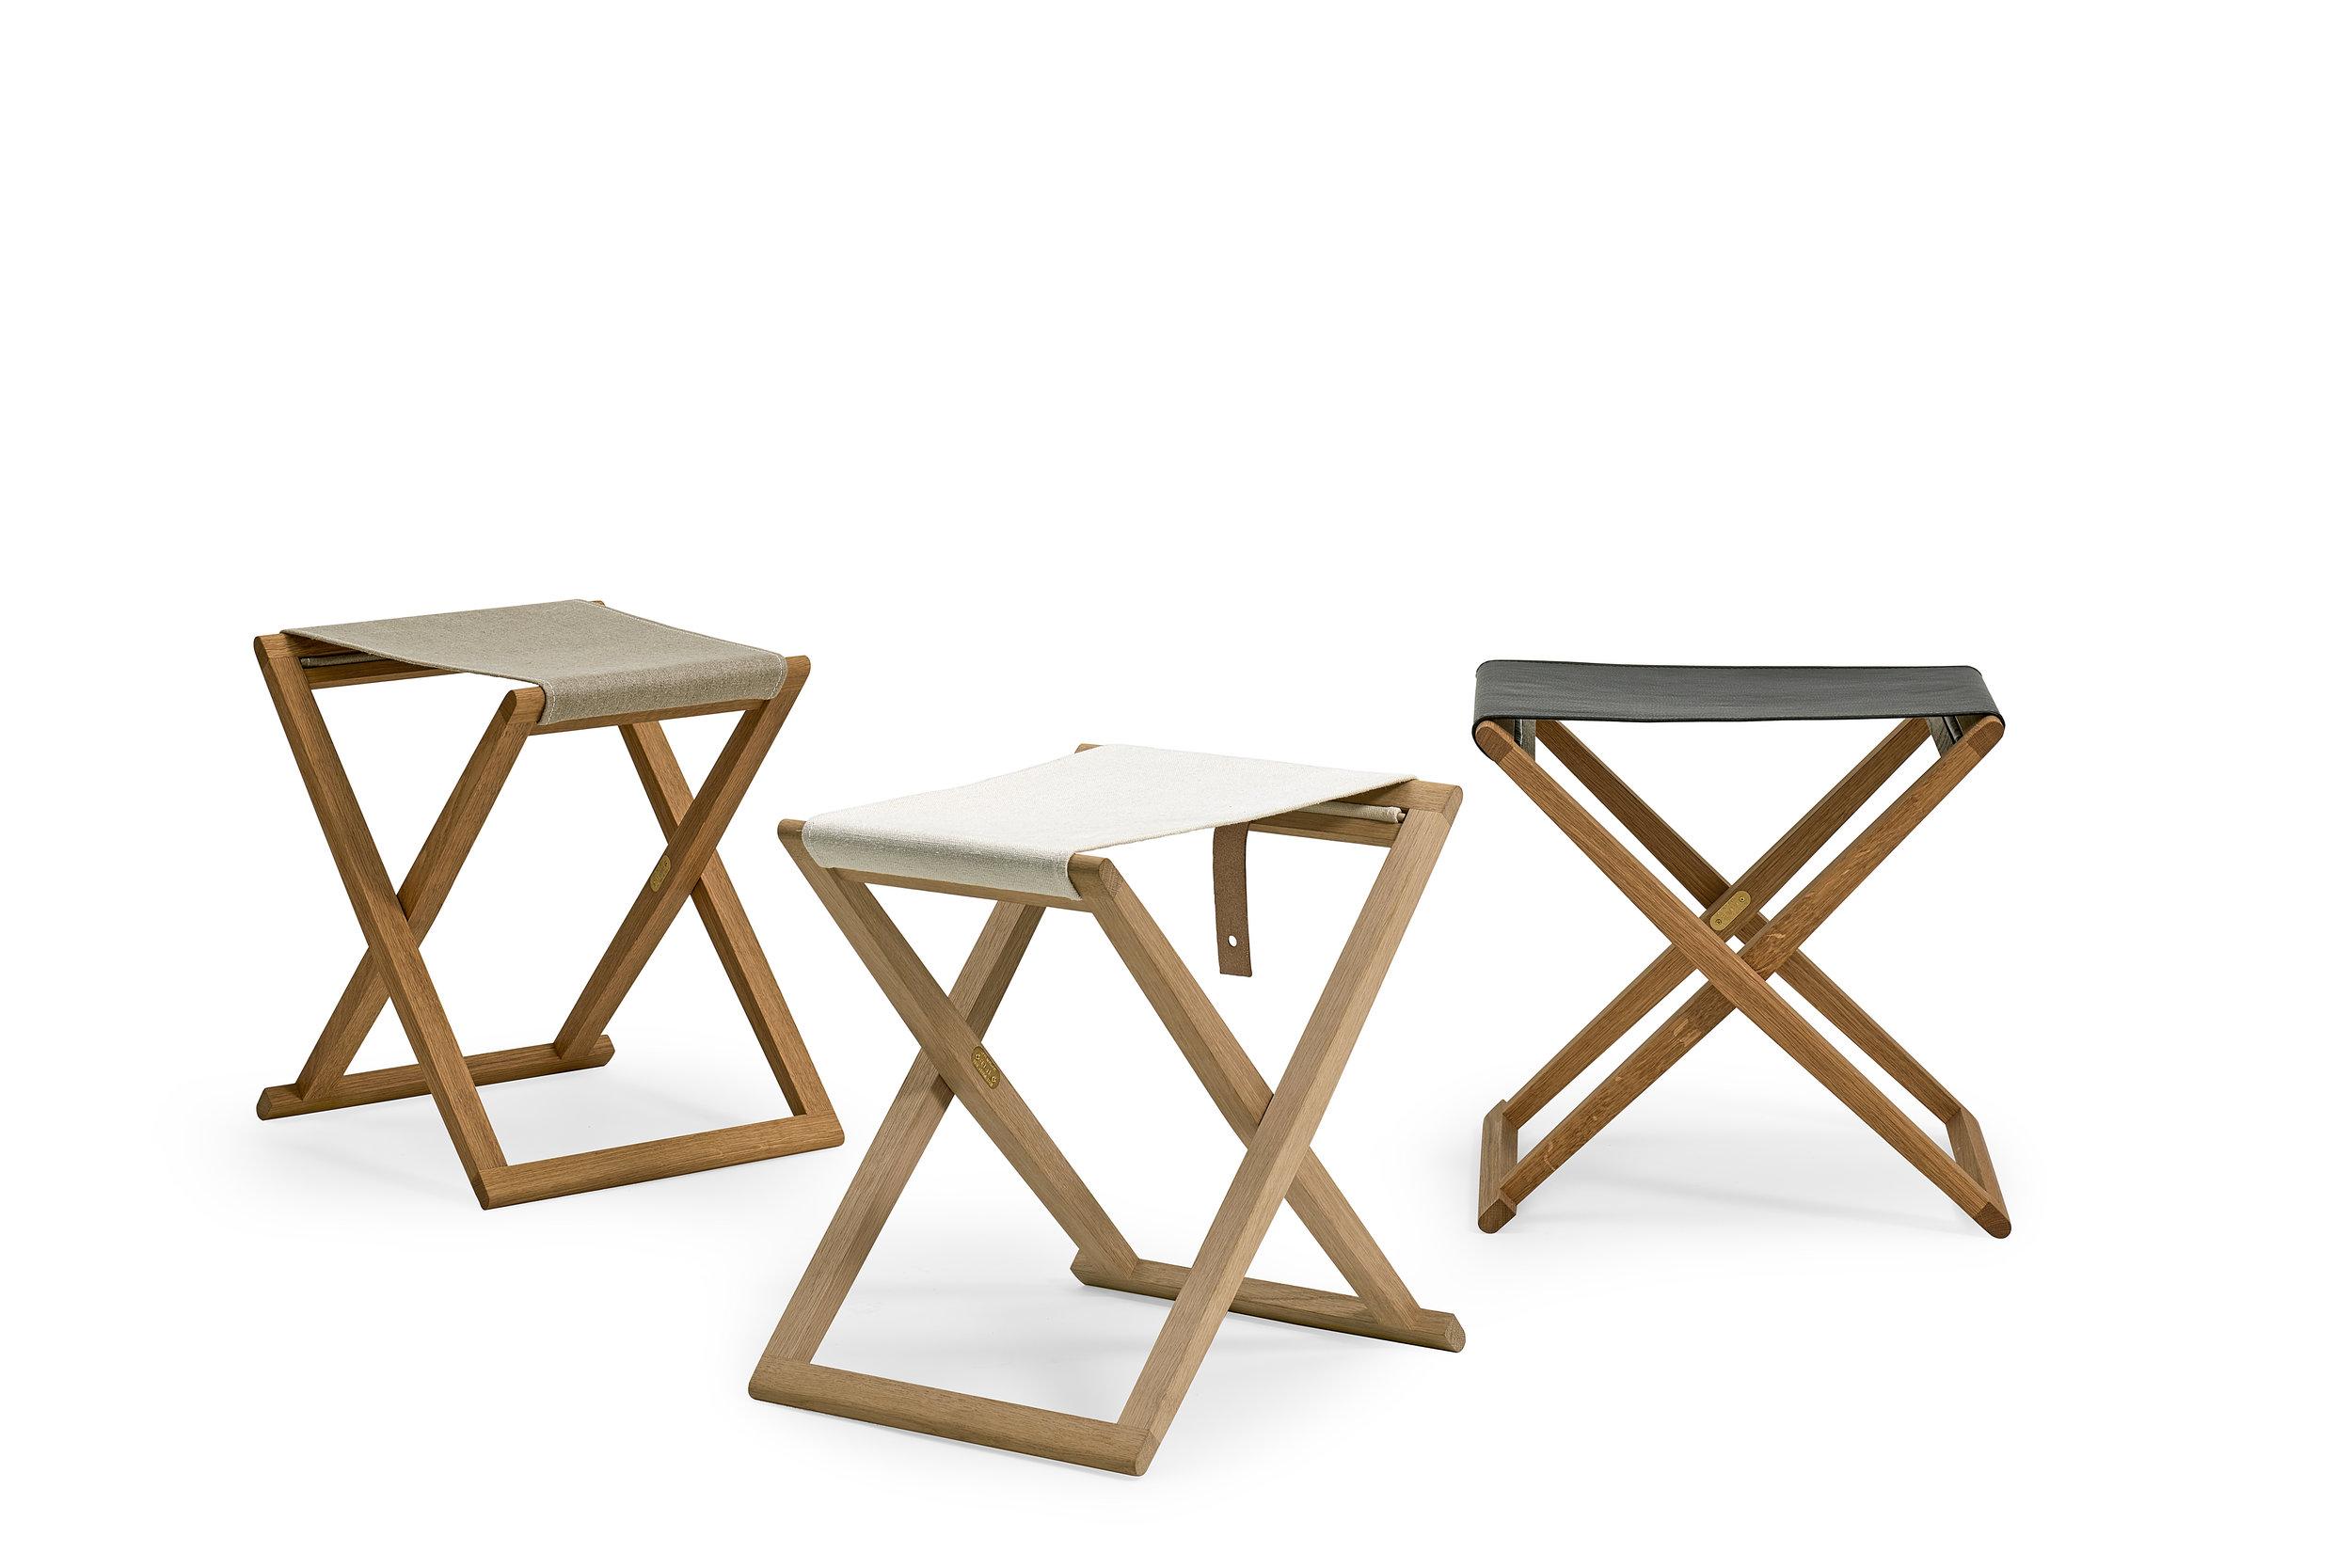 getama_mogens_koch_mk30_folding_stool_gestalt_new_york_5.jpg